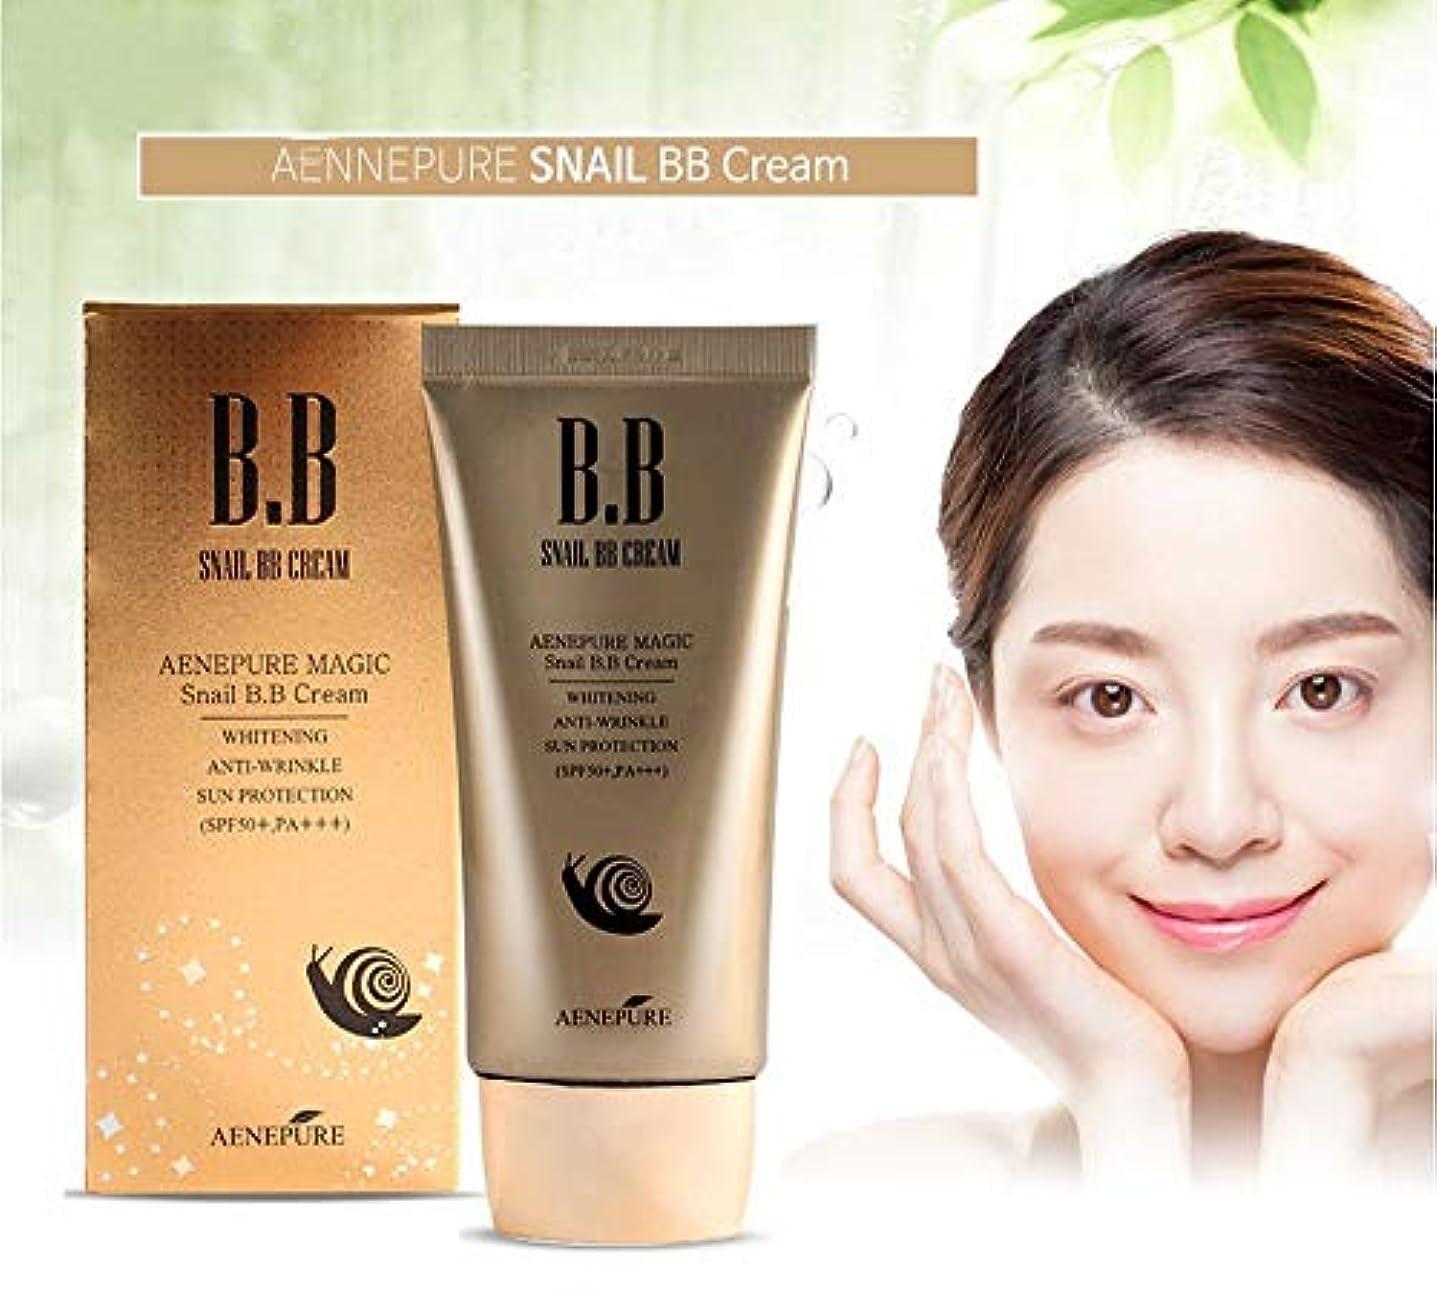 欠陥印象スプリット[Aenepure] カタツムリBBクリームSPF50の+、PA +++ / Snail BB cream SPF50+, PA +++ / ホワイトニング、アンチリンクル、日焼け防止 / Whitening, Anti-Wrinkle,Sun protection / 韓国化粧品 / Korean Cosmetics [並行輸入品]